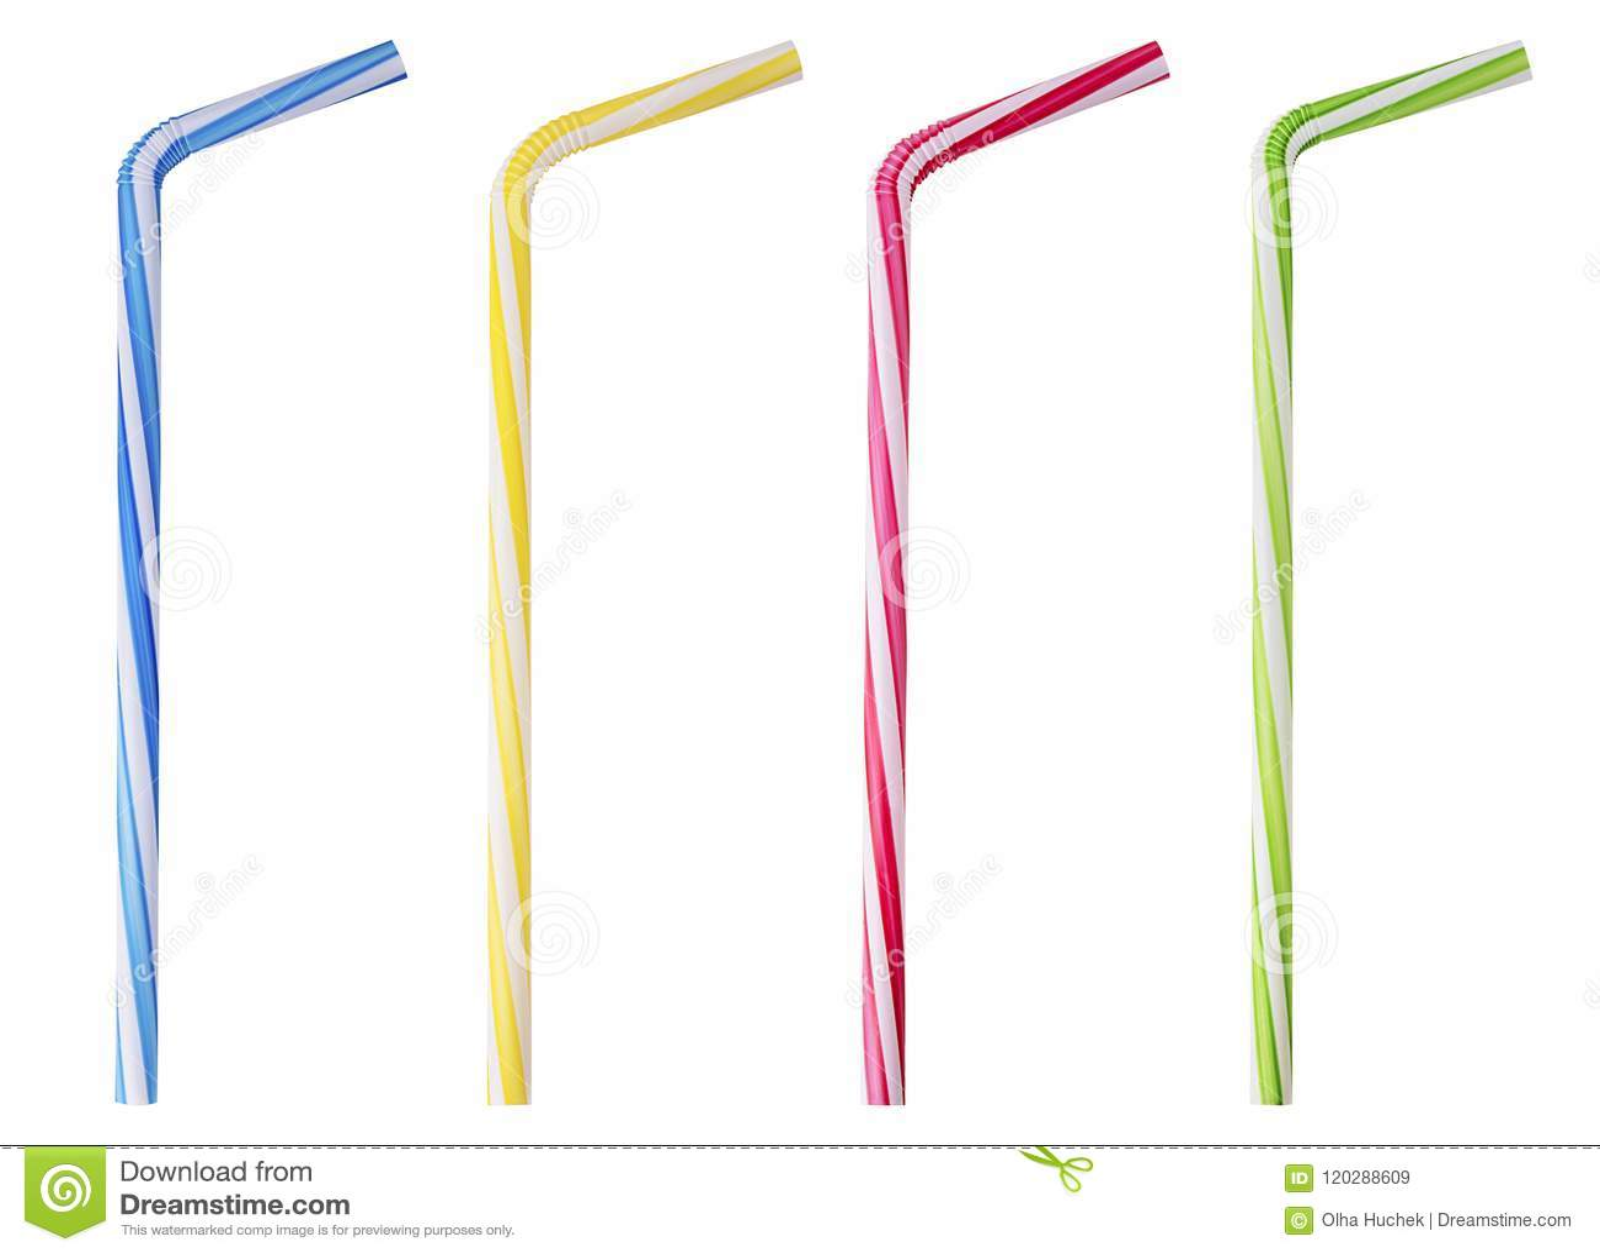 Vier het drinken stro roze, blauwe, gele, groene gestreept